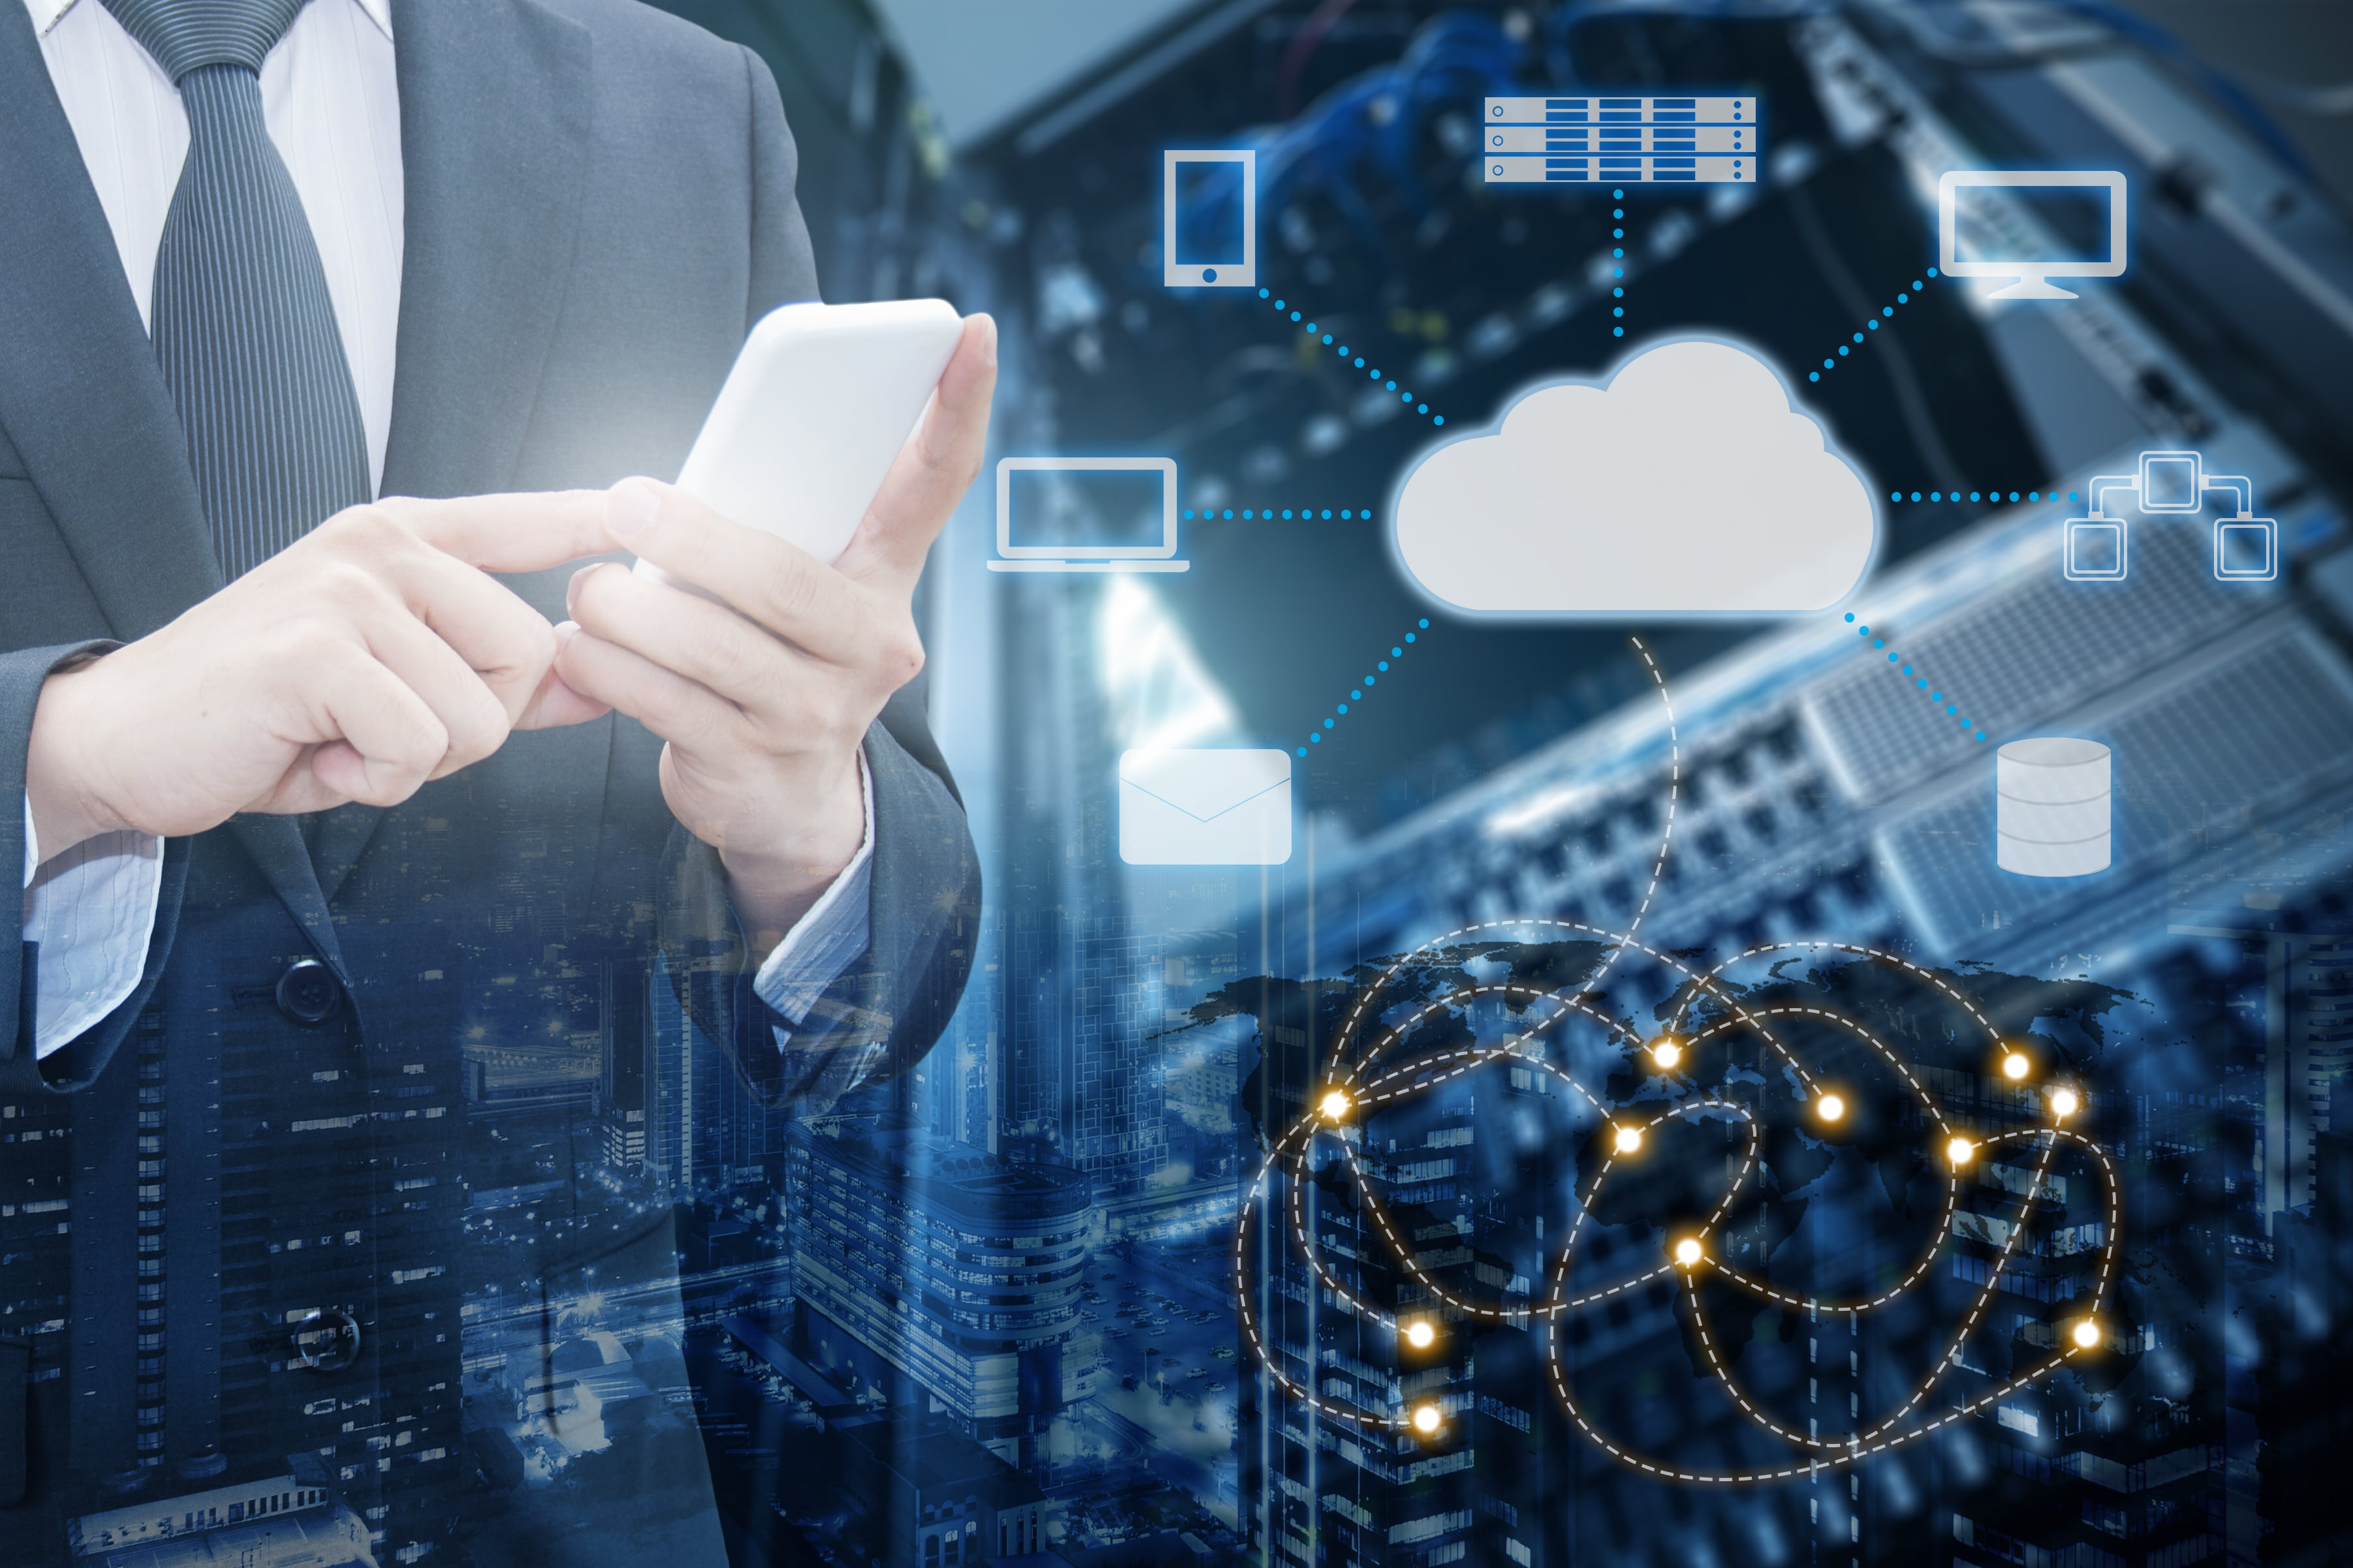 SAP Cloud Platformの基礎知識!機能やメリットを解説